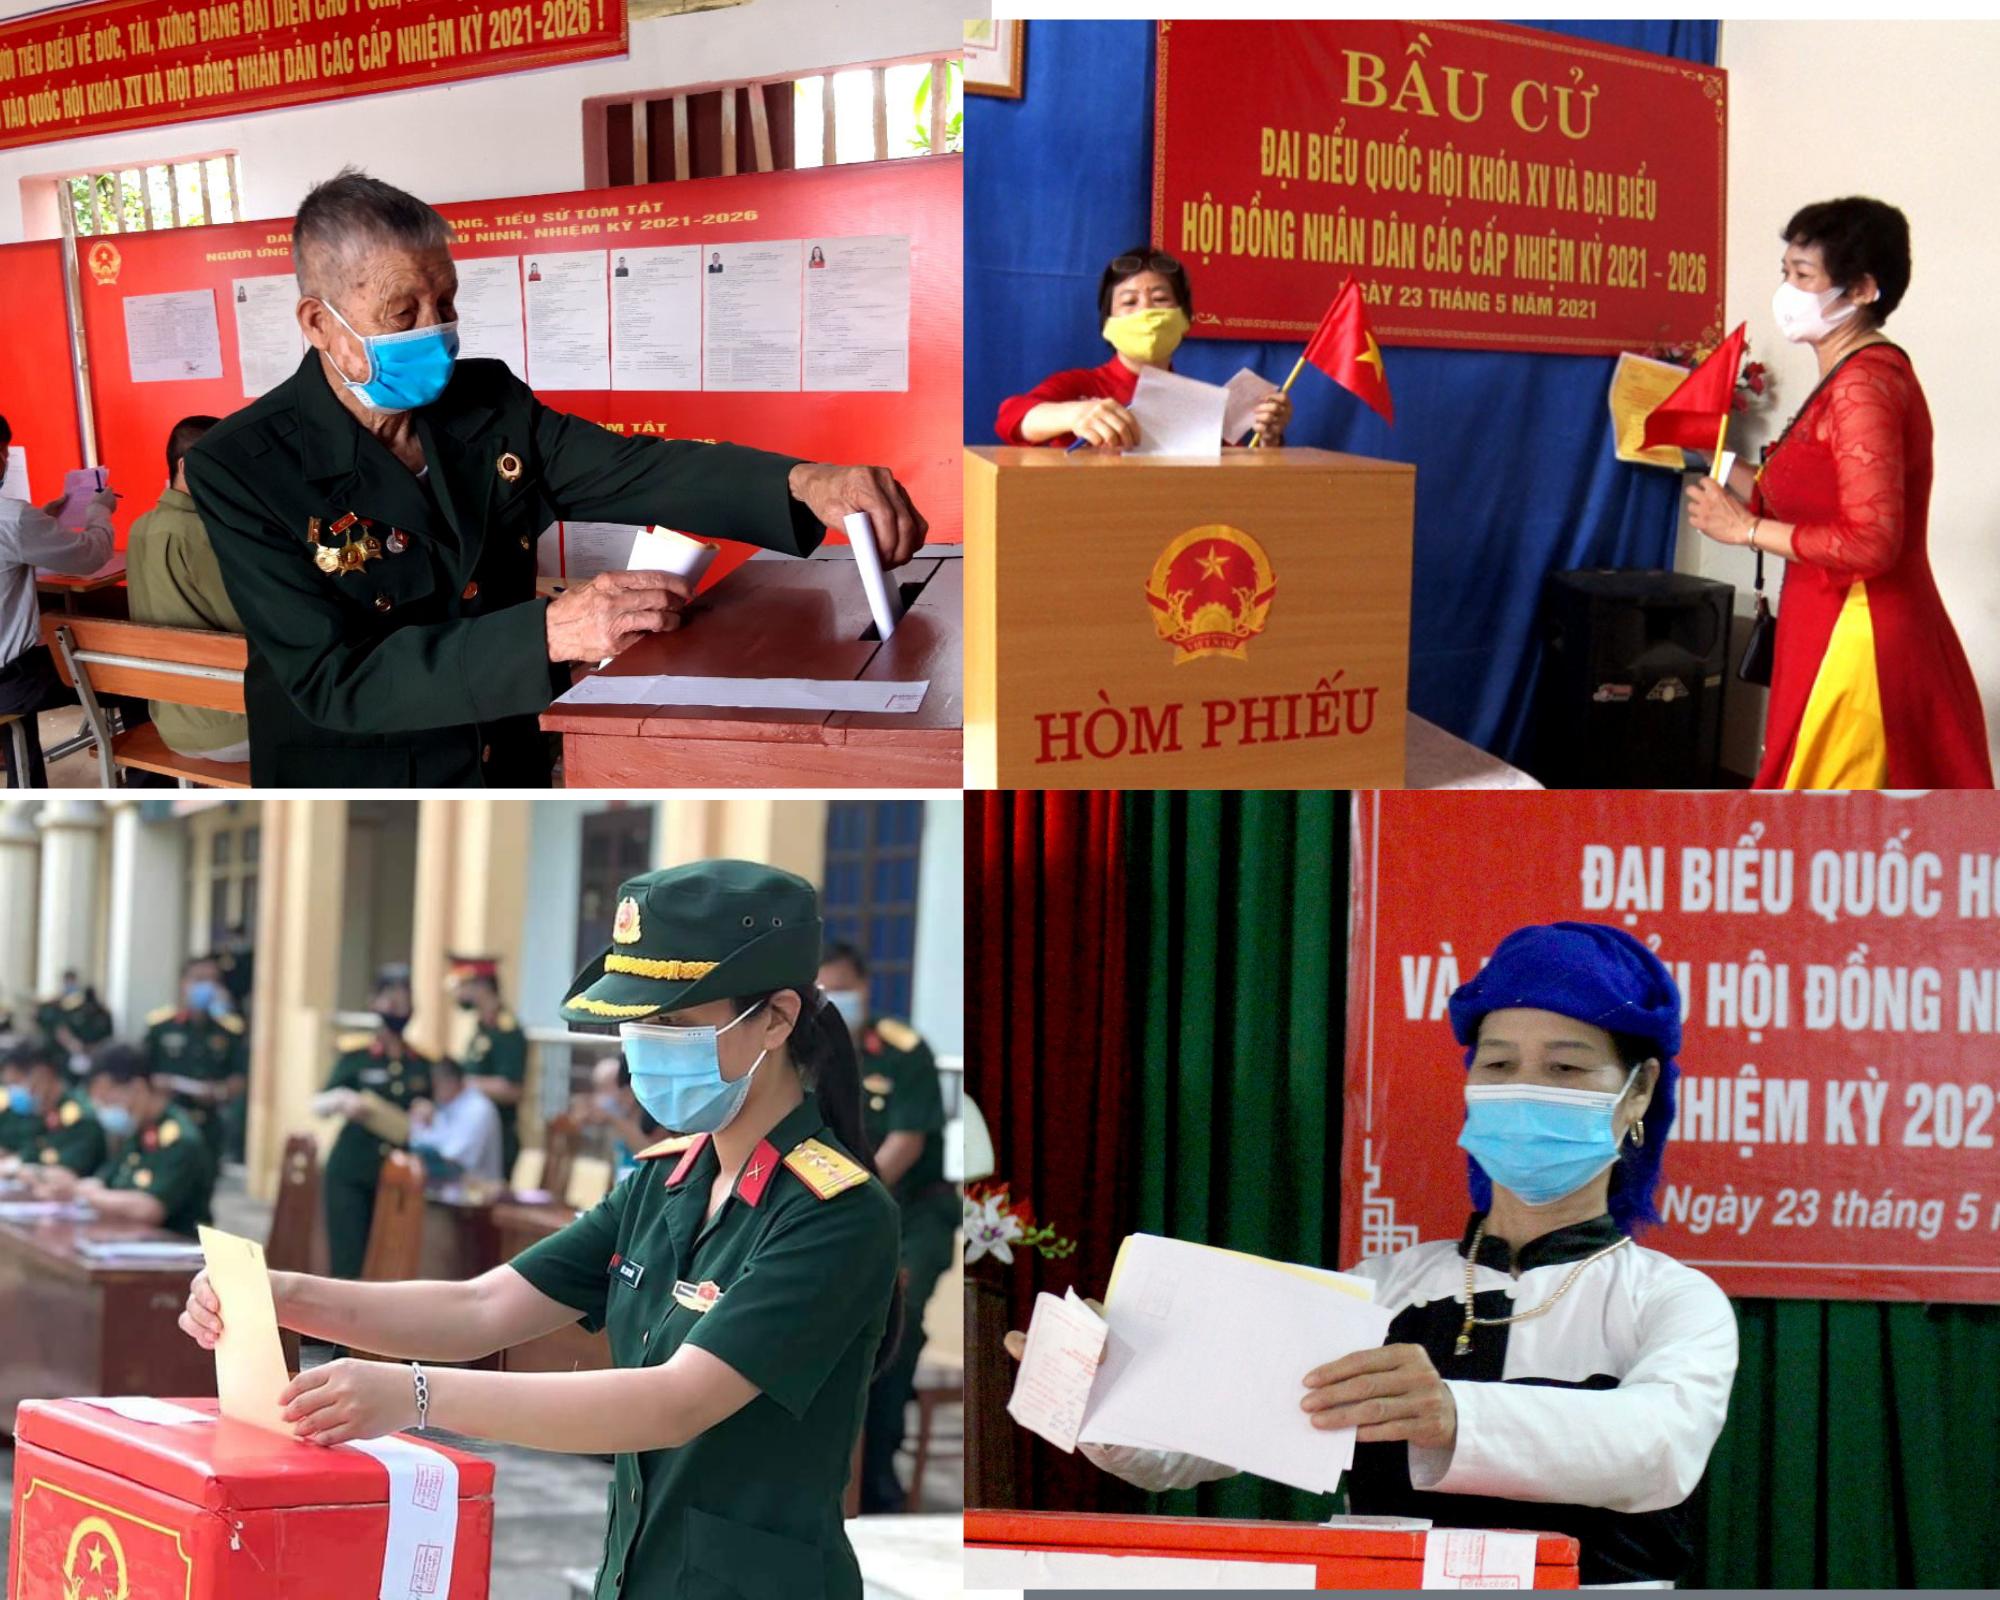 Phú Thọ hoàn thành bầu cử đại biểu Quốc hội và đại biểu HĐND các cấp, nhiệm kỳ 2021 - 2026 với tỉ lệ 99,80% cử tri đi bỏ phiếu | Cổng